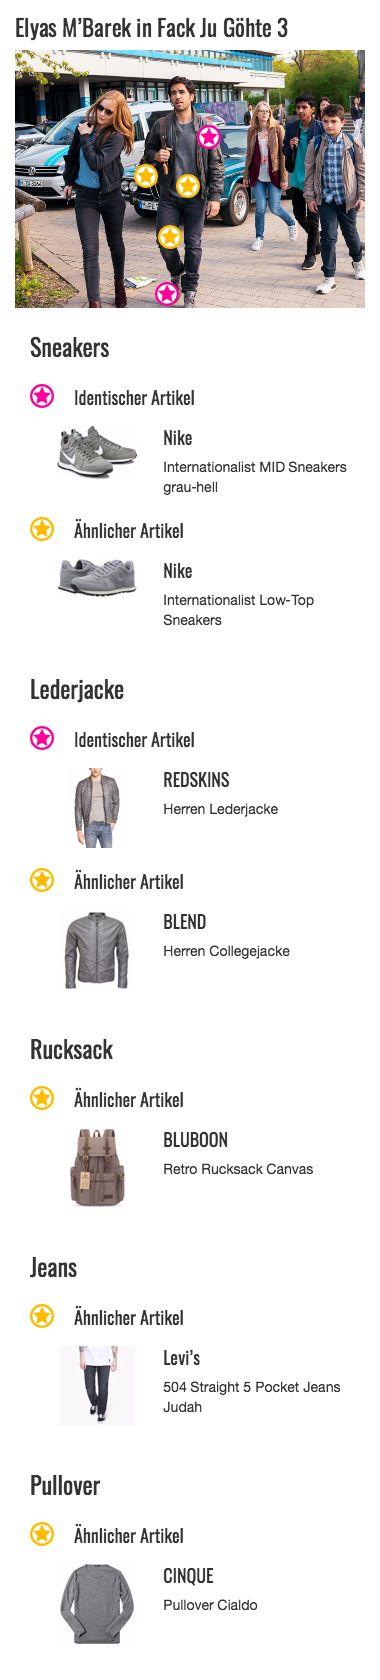 """Zeki Müller (Elyas M'Barek) sieht man bereits an seinem Style an, dass es sich bei ihm nicht um einen typischen Lehrer der Goethe-Gesamtschule handelt. Anders als seine Kollegen trägt er zur Arbeit nämlich dieselben Outfits wie in seiner Freizeit. Das bedeutet, dass lässige Lederjacken und Sneakers an der Tagesordnung stehen. In diesem Look findet sich daher auch die Lederjacke aus Teil 2 der Erfolgsreihe """"Fack Ju Göhte"""" wieder. Das Modell ist von REDSKINS und hat einen Kragen im…"""